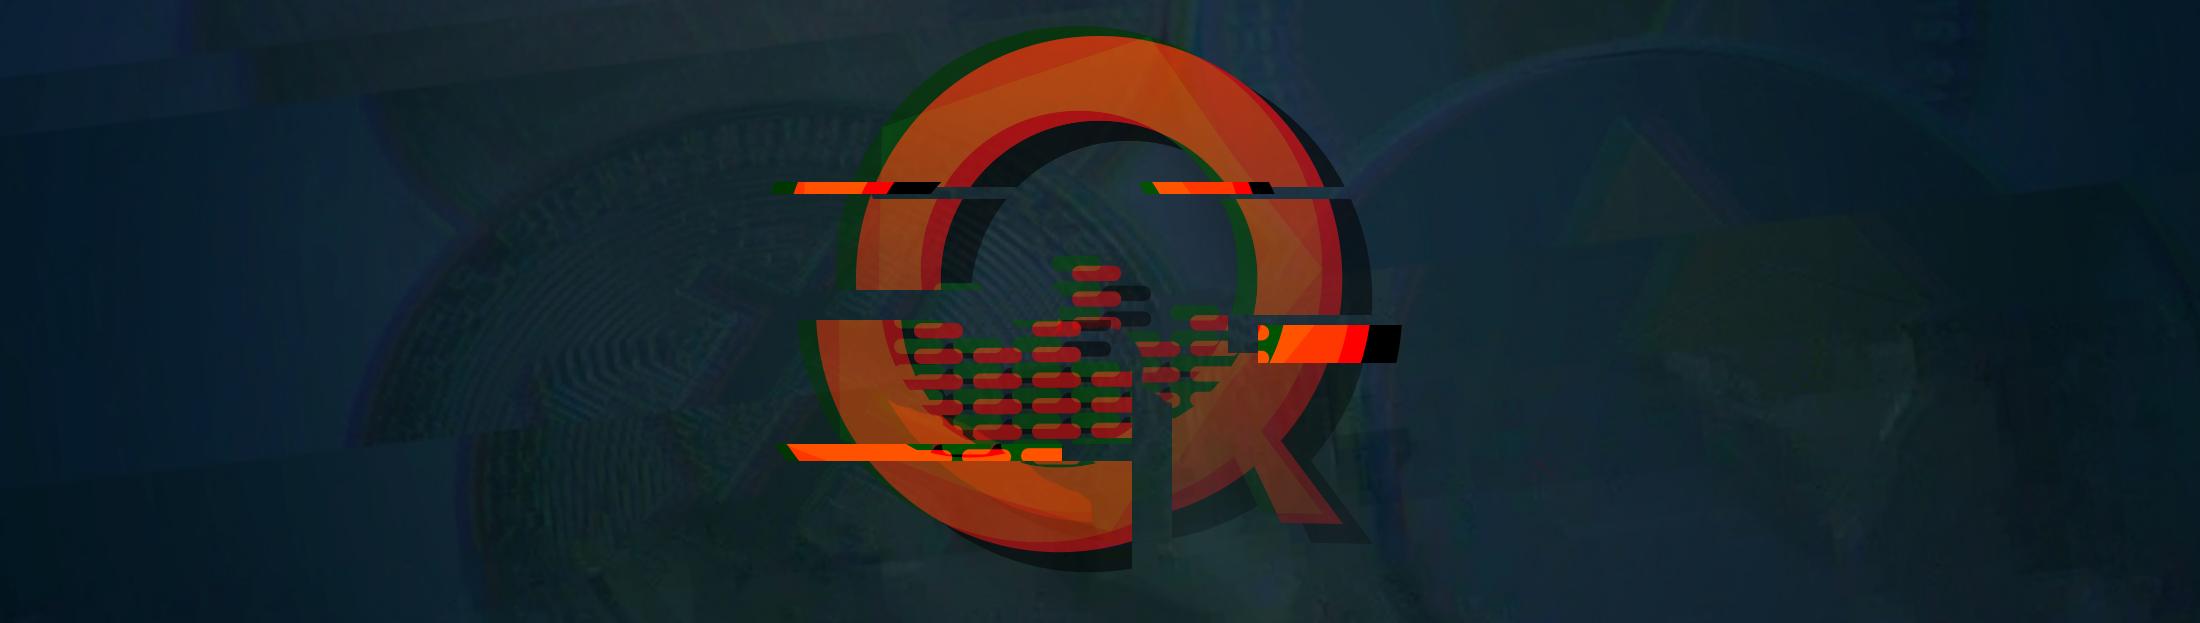 Ликвидатор биржи QuadrigaCX может выплатить клиентам только $30 млн при долге в $171 млн